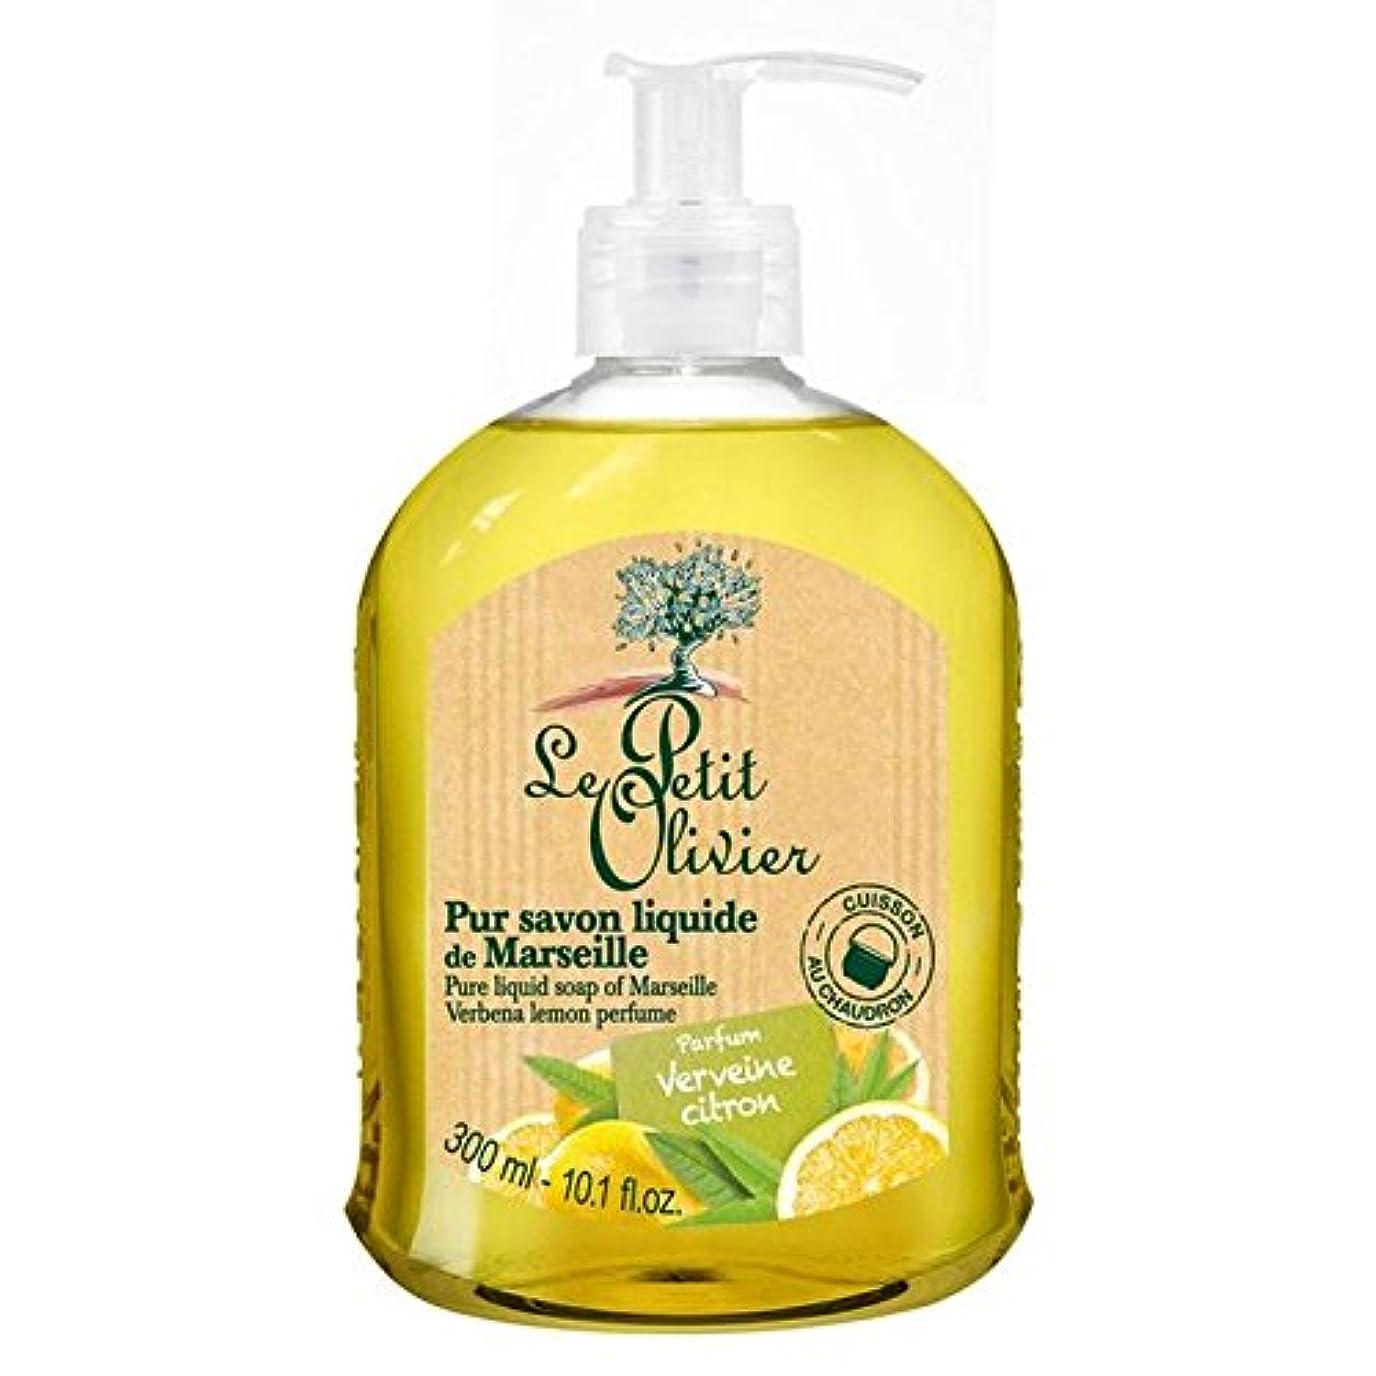 経由で底サバントLe Petit Olivier Pure Liquid Soap of Marseille, Verbena Lemon 300ml - マルセイユのル?プティ?オリヴィエ純粋な液体石鹸、バーベナレモン300ミリリットル [並行輸入品]